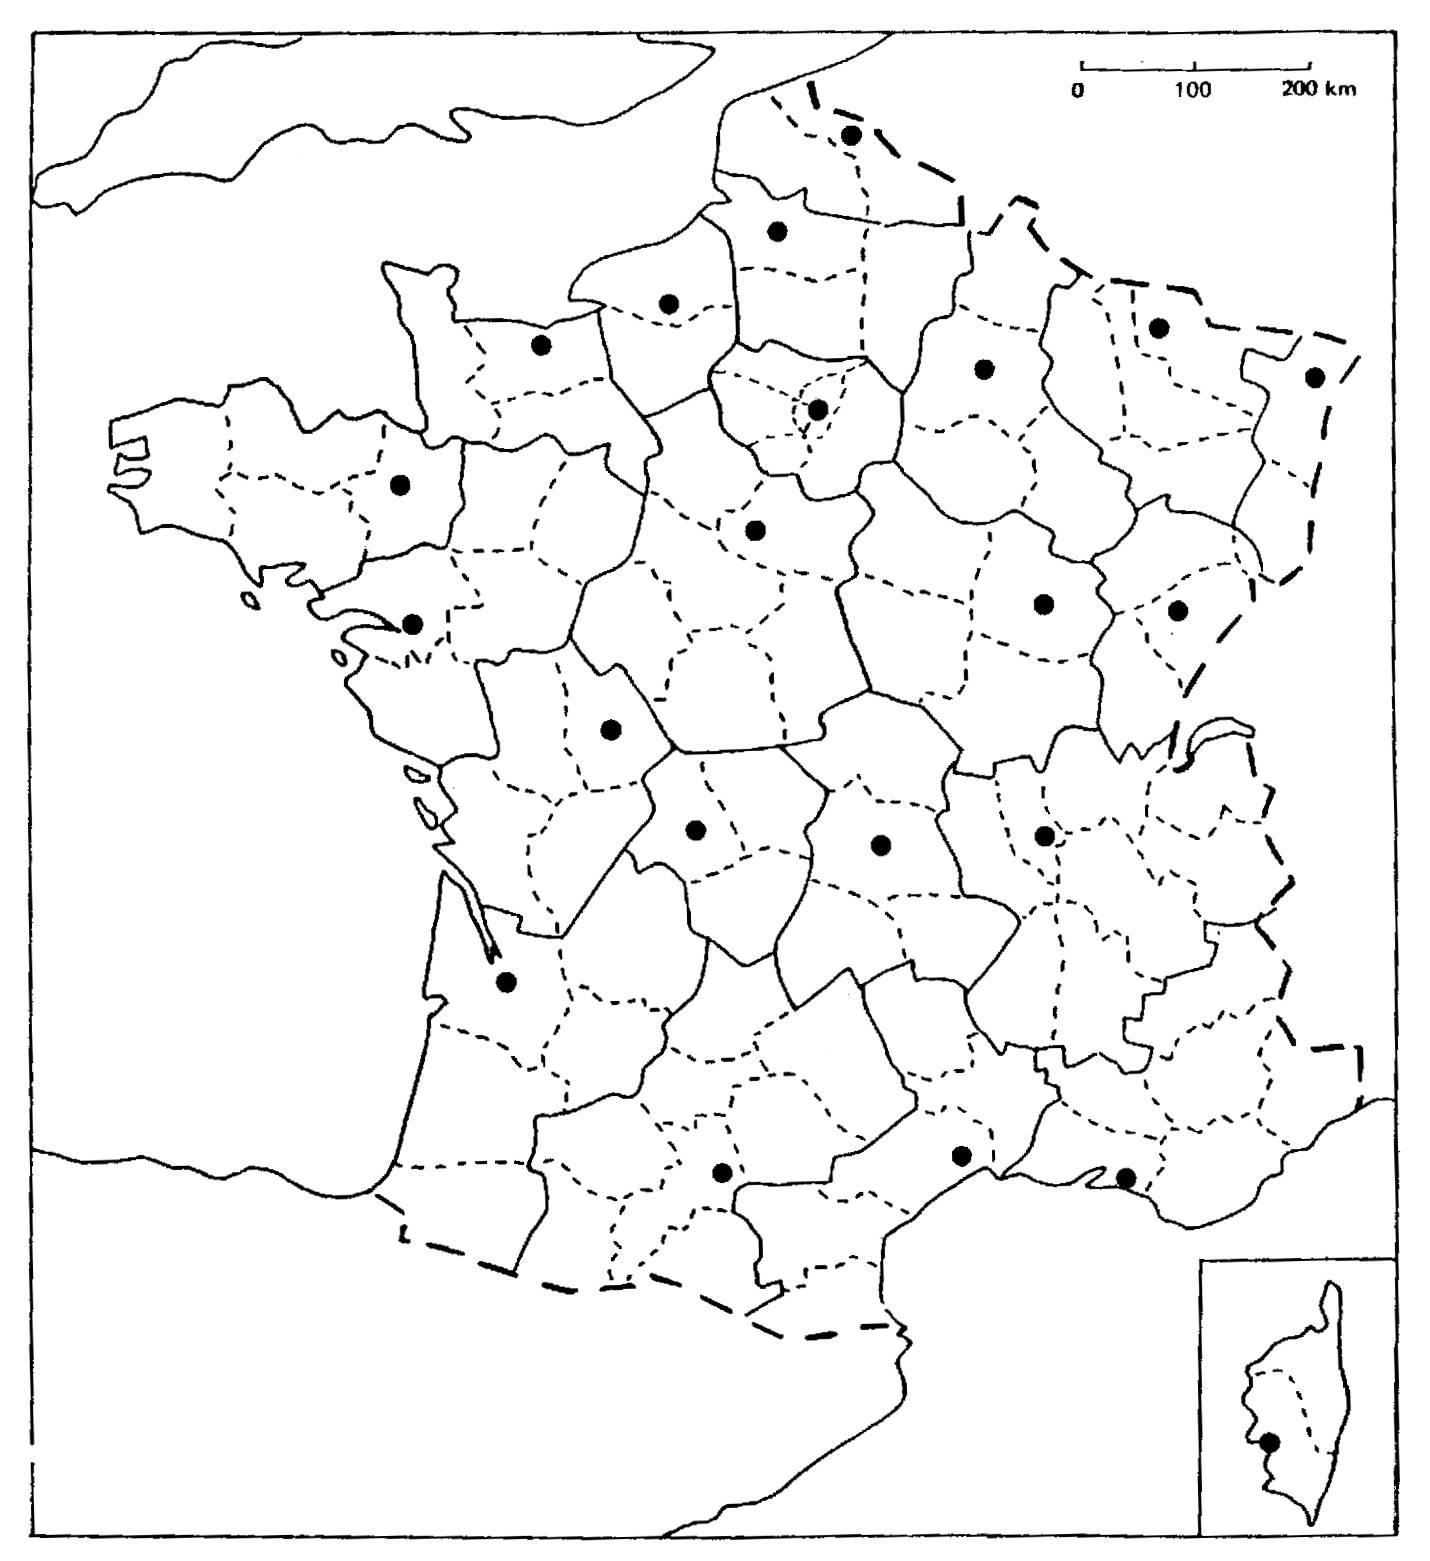 Télécharger Carte De France Vierge Département Pdf | Carte destiné Carte France Département Vierge